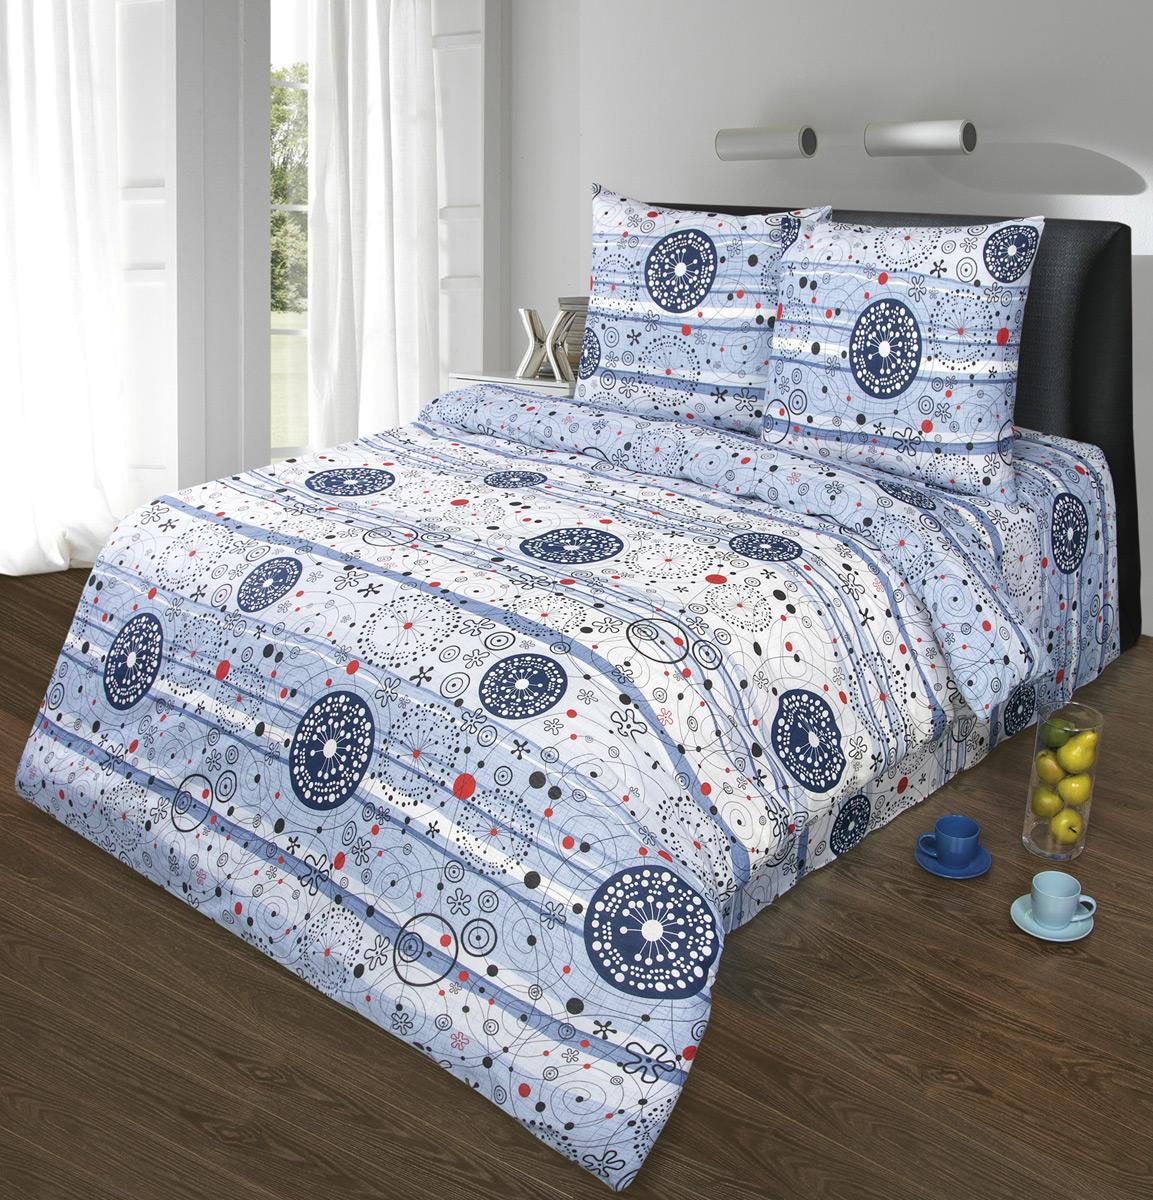 Комплект белья Шоколад Увертюра, евро, наволочки 70x70. Б114Б114Комплект постельного белья Шоколад Увертюра является экологически безопасным для всей семьи, так как выполнен из натурального хлопка. Комплект состоит из пододеяльника, простыни и двух наволочек. Постельное белье оформлено оригинальным рисунком и имеет изысканный внешний вид. Бязь - это ткань полотняного переплетения, изготовленная из экологически чистого и натурального 100% хлопка. Она прочная, мягкая, обладает низкой сминаемостью, легко стирается и хорошо гладится. Бязь прекрасно пропускает воздух и за ней легко ухаживать. При соблюдении рекомендуемых условий стирки, сушки и глажения ткань имеет усадку по ГОСТу, сохранятся яркость текстильных рисунков. Приобретая комплект постельного белья Шоколад Увертюра, вы можете быть уверены в том, что покупка доставит вам и вашим близким удовольствие и подарит максимальный комфорт.